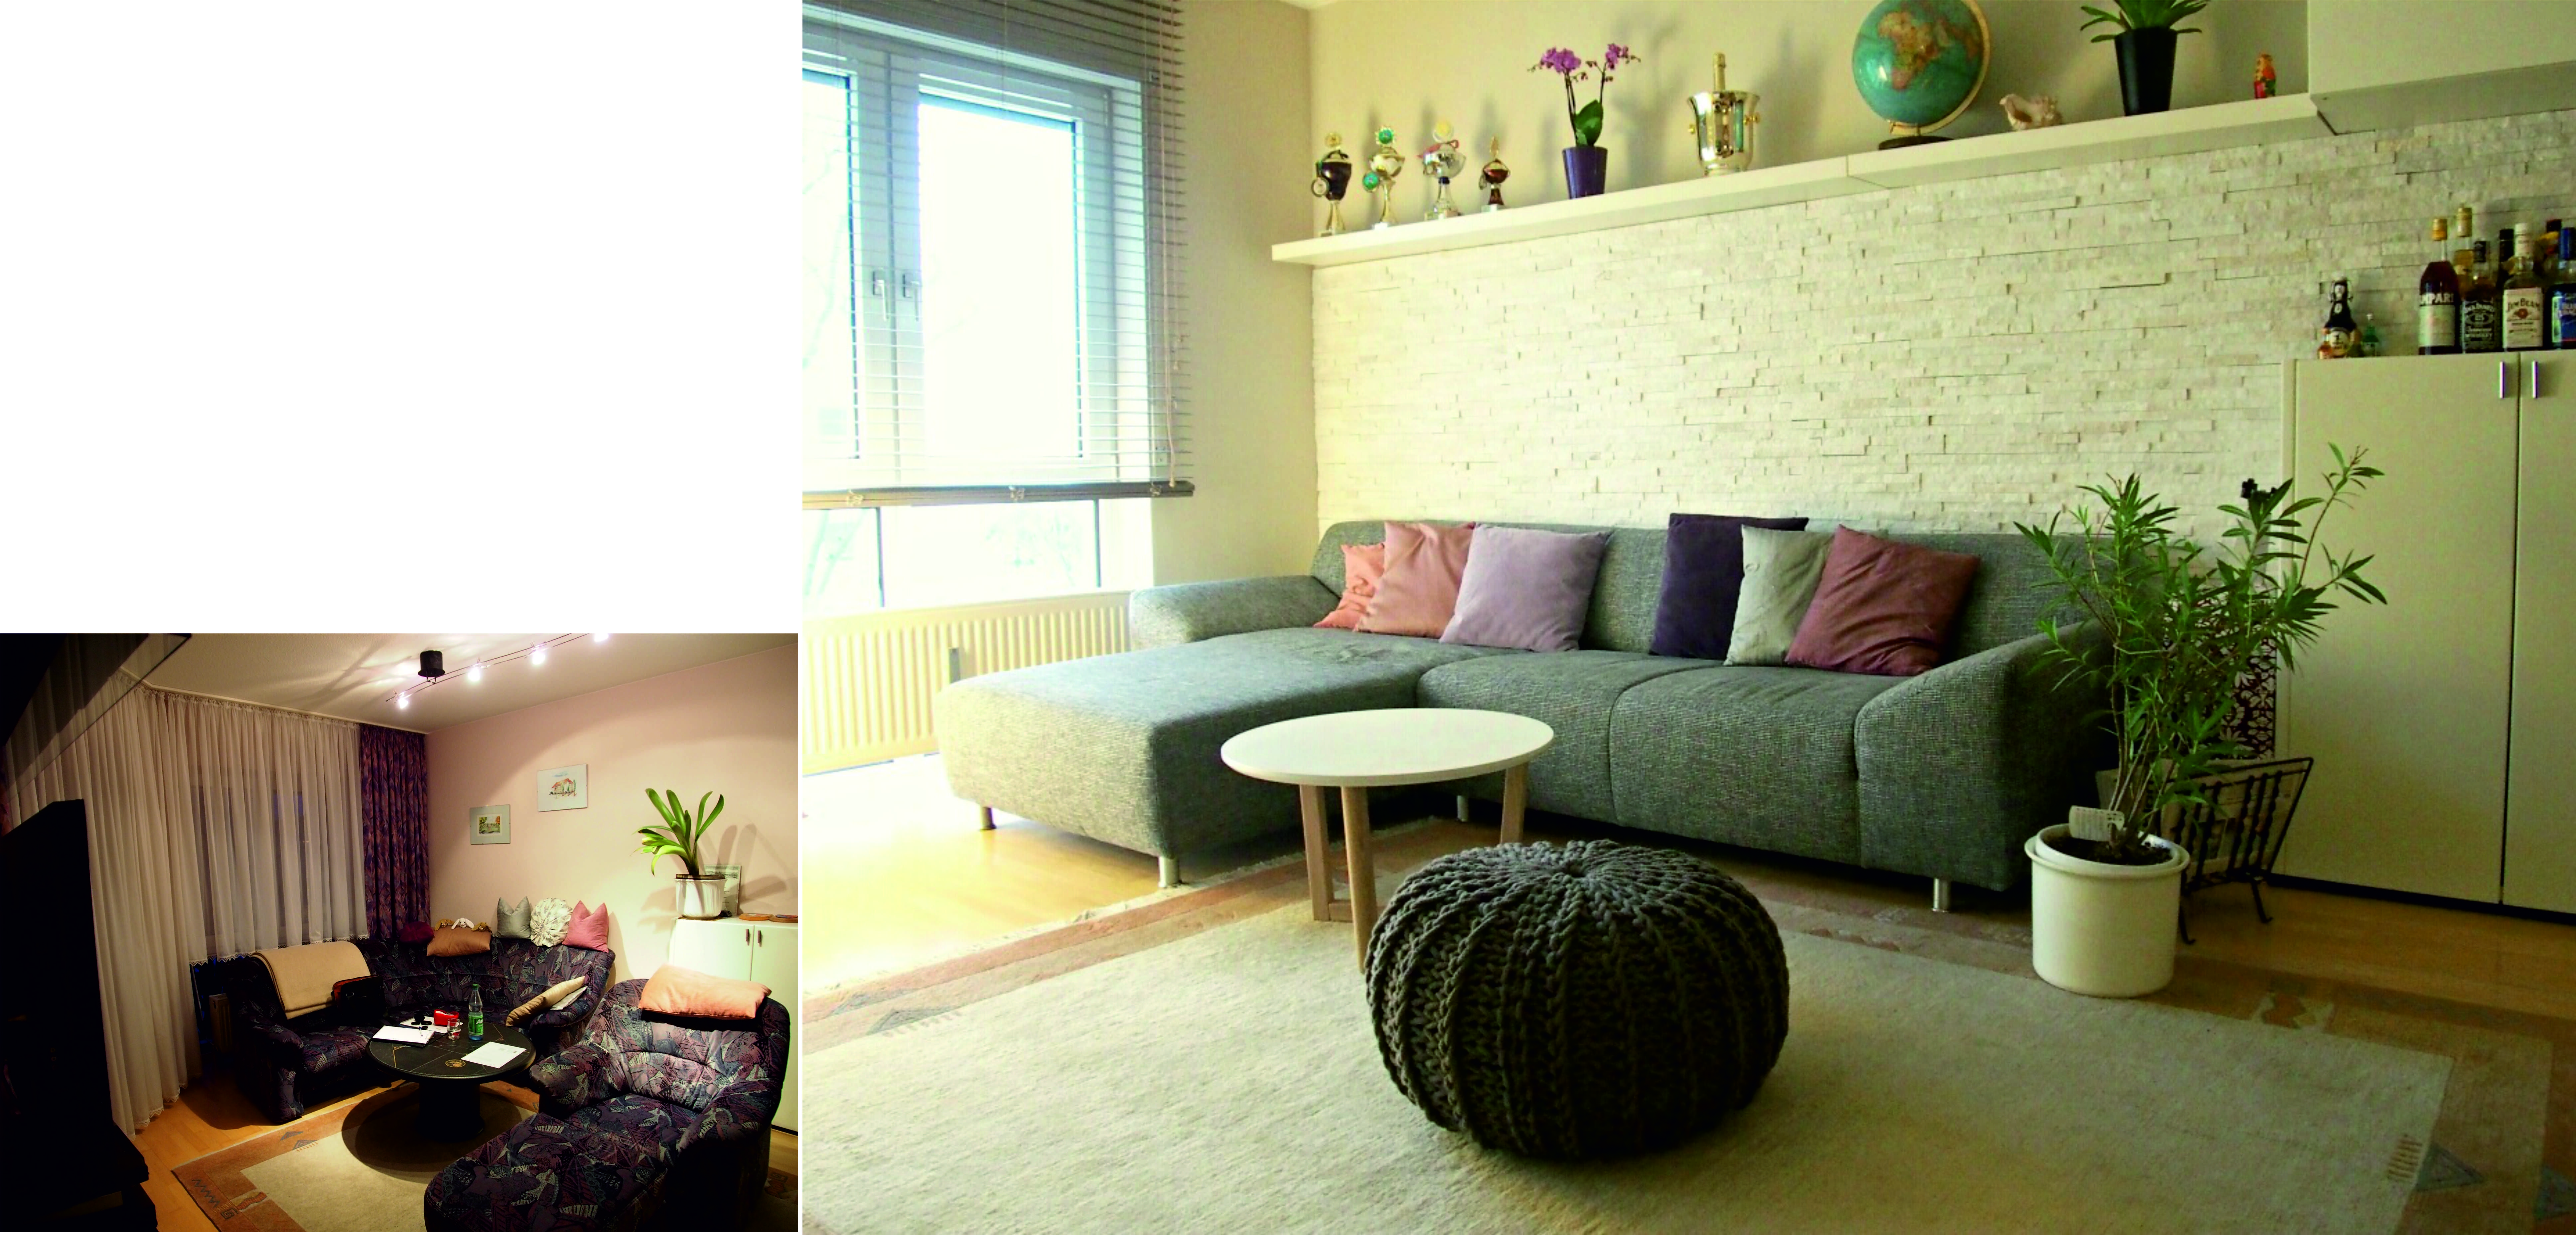 kleines wohnzimmer einrichten vorher nachher   Living room ...